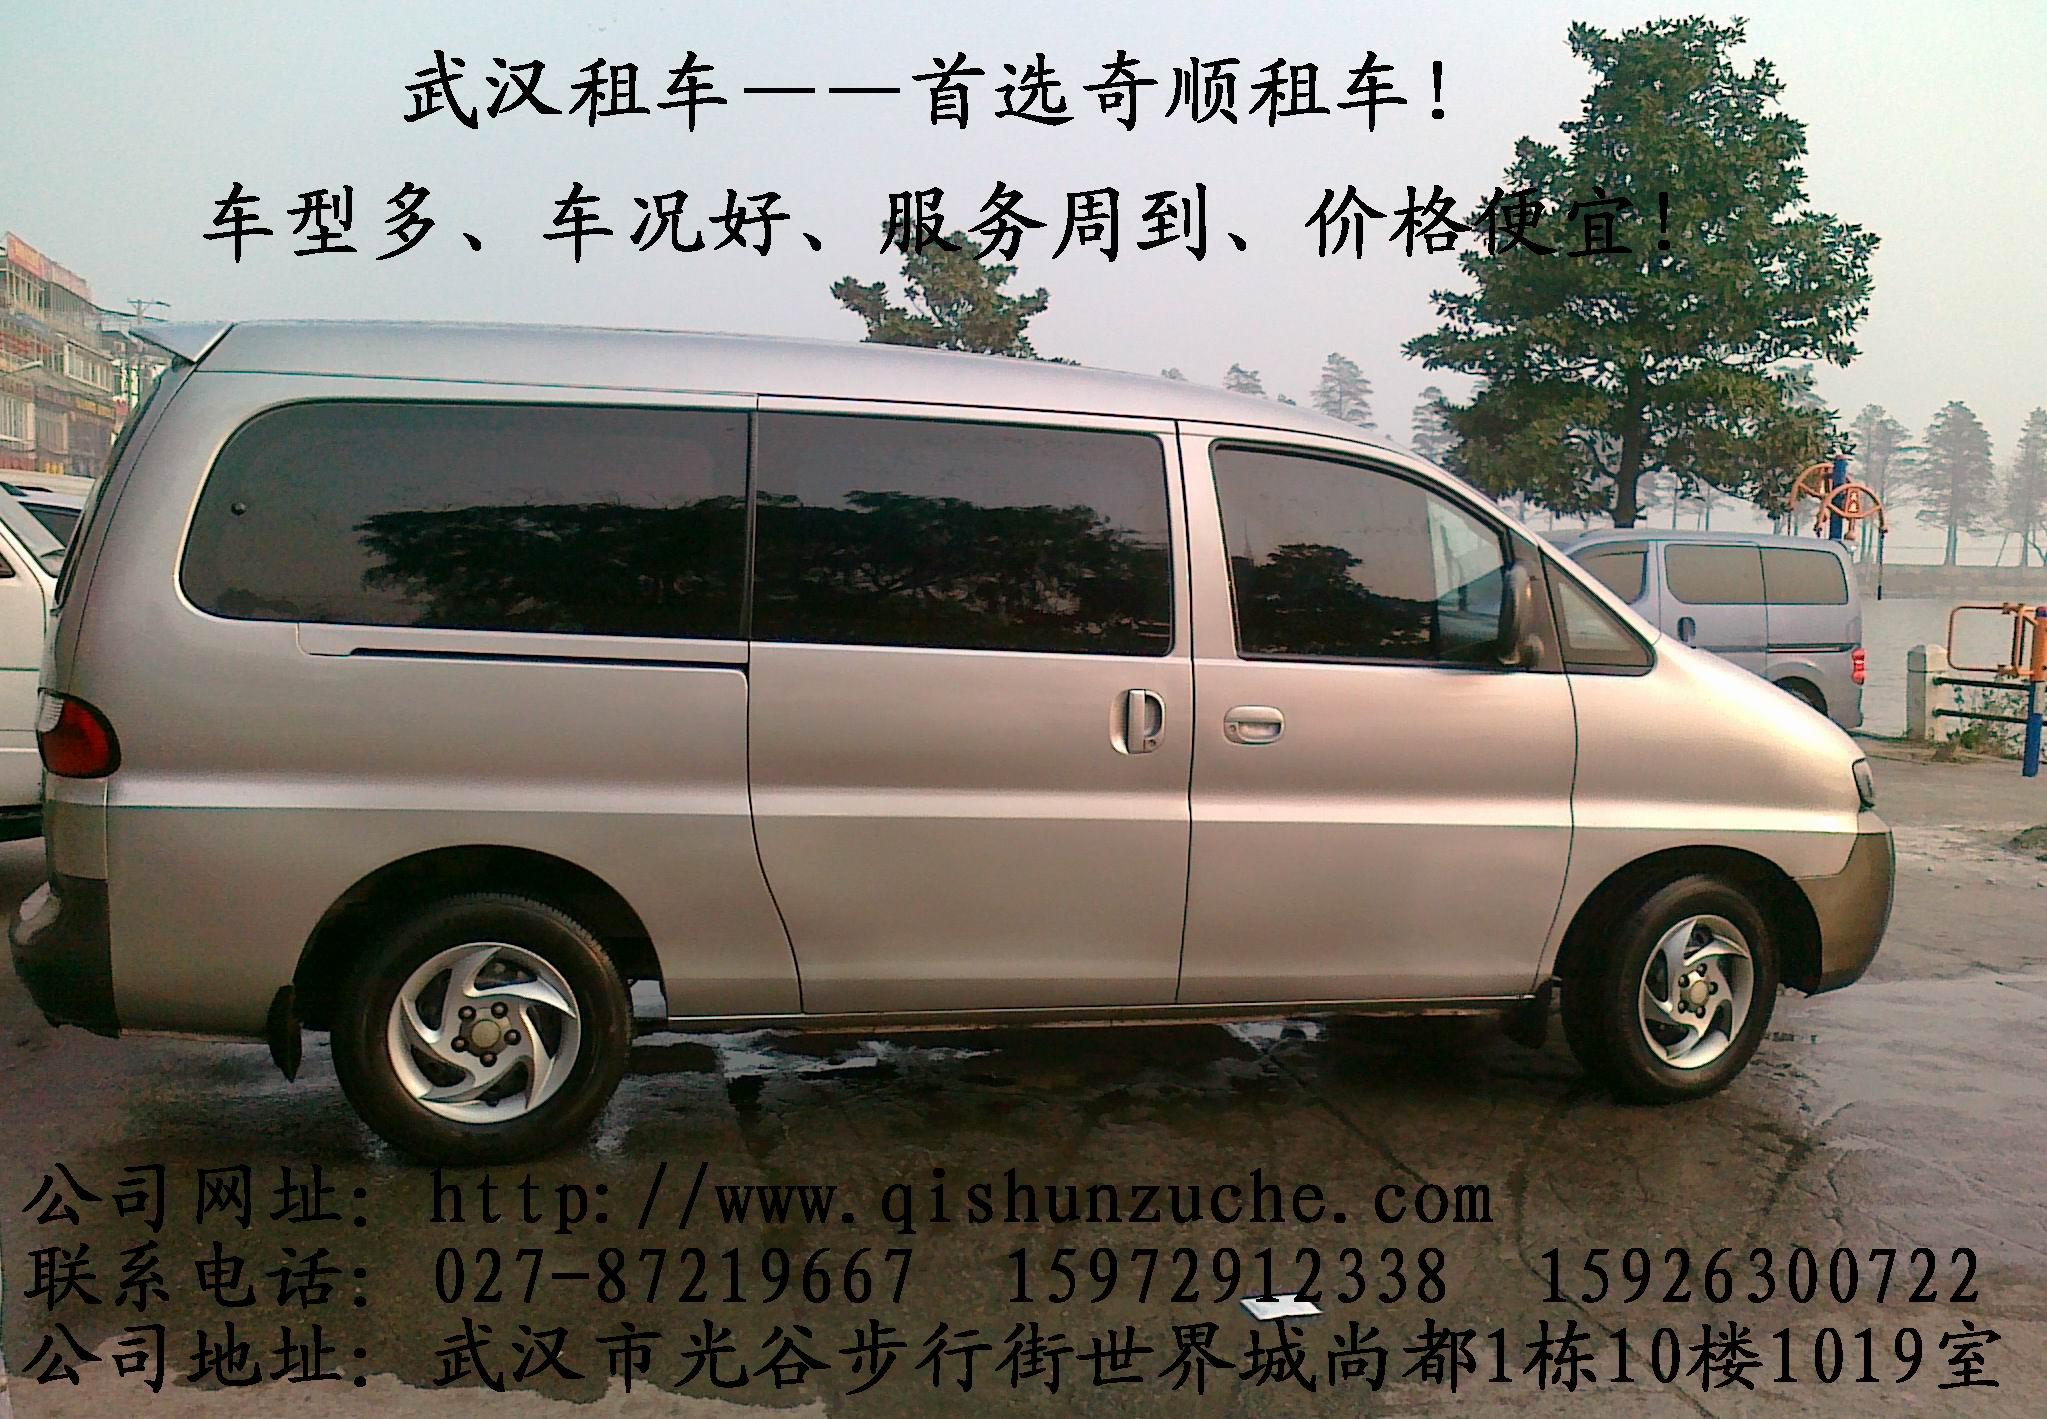 武汉常青路长短途旅游租车哪家价格最便宜